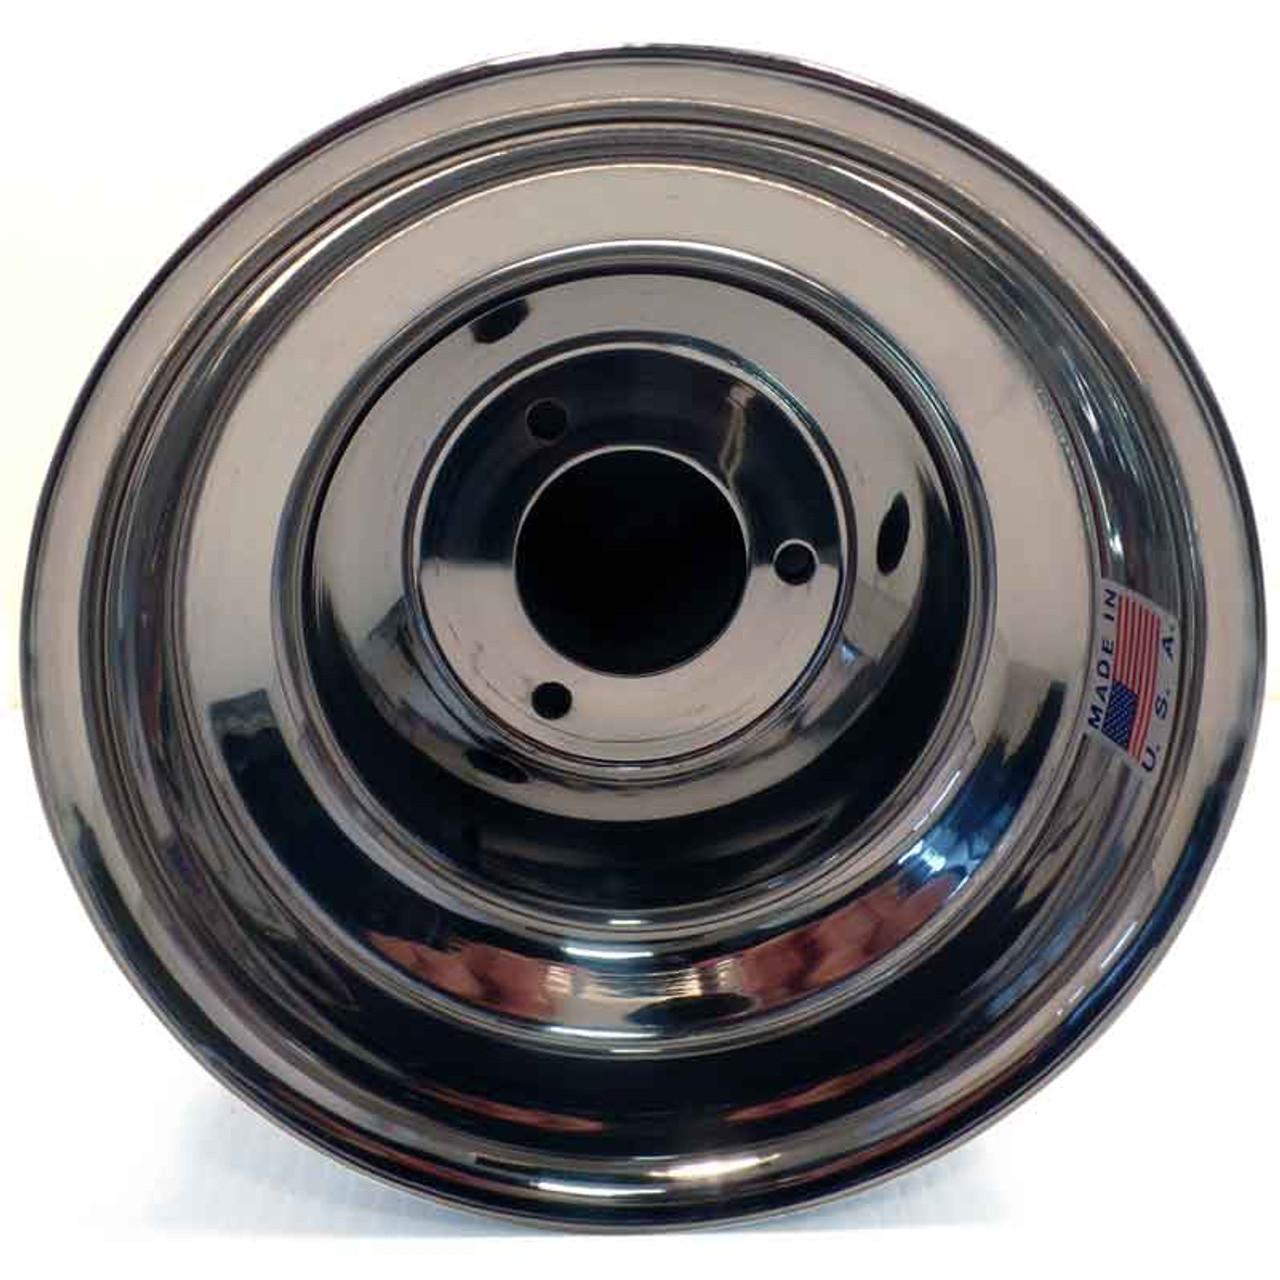 DWT 6'' AlumiLite Kart Wheels - US Pattern - 8.75''W